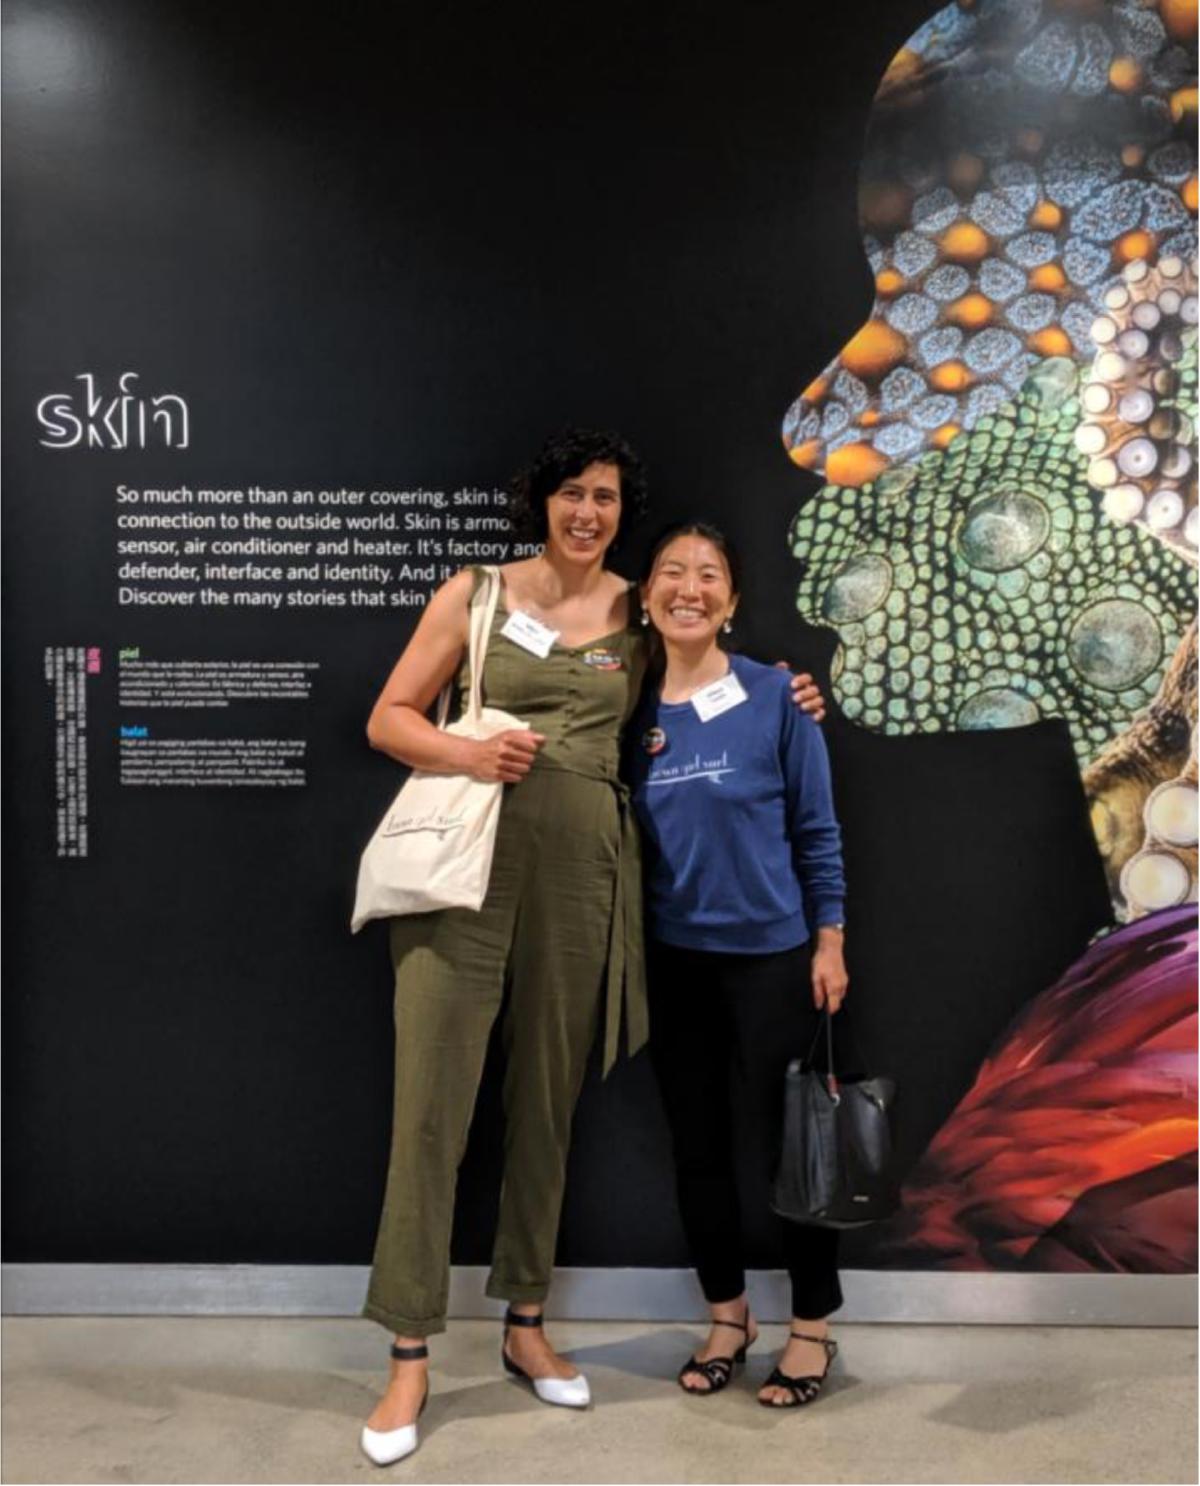 Mira and Maya at the Cal Academy's Skin Exhibit